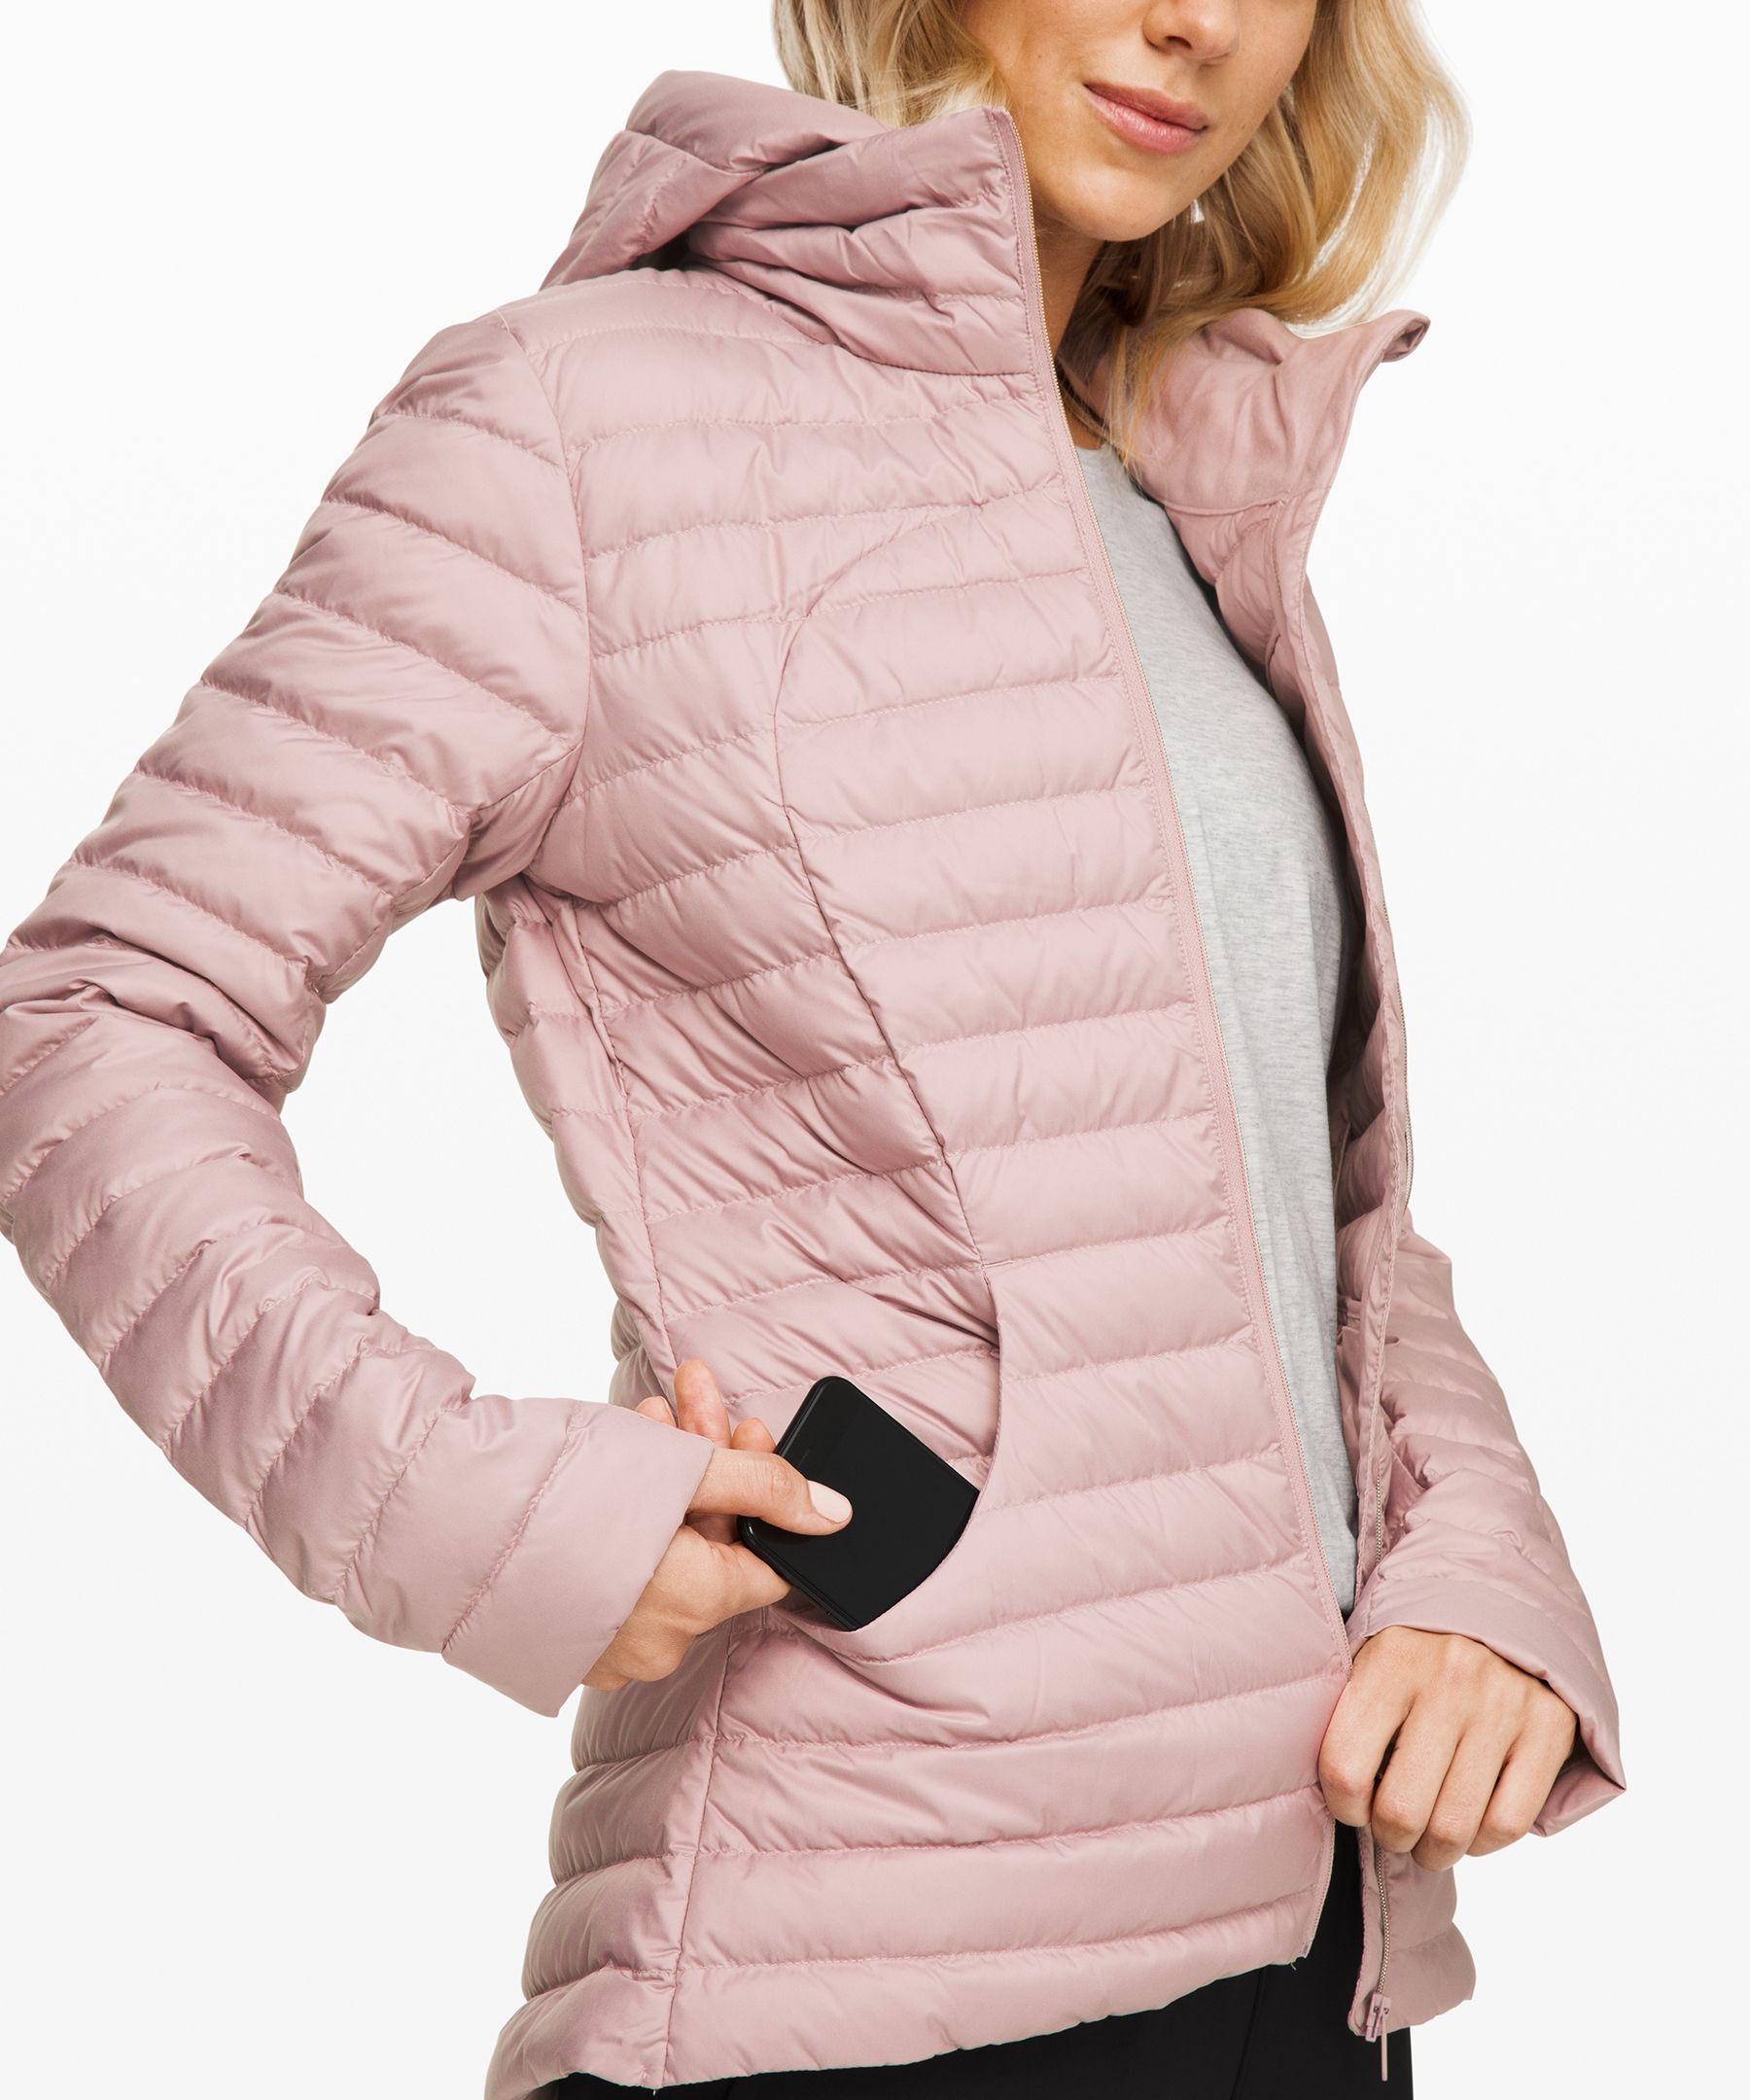 Pack It Down Jacket Women S Jackets Outerwear Lululemon Jackets For Women Down Jacket Jackets [ 2160 x 1800 Pixel ]